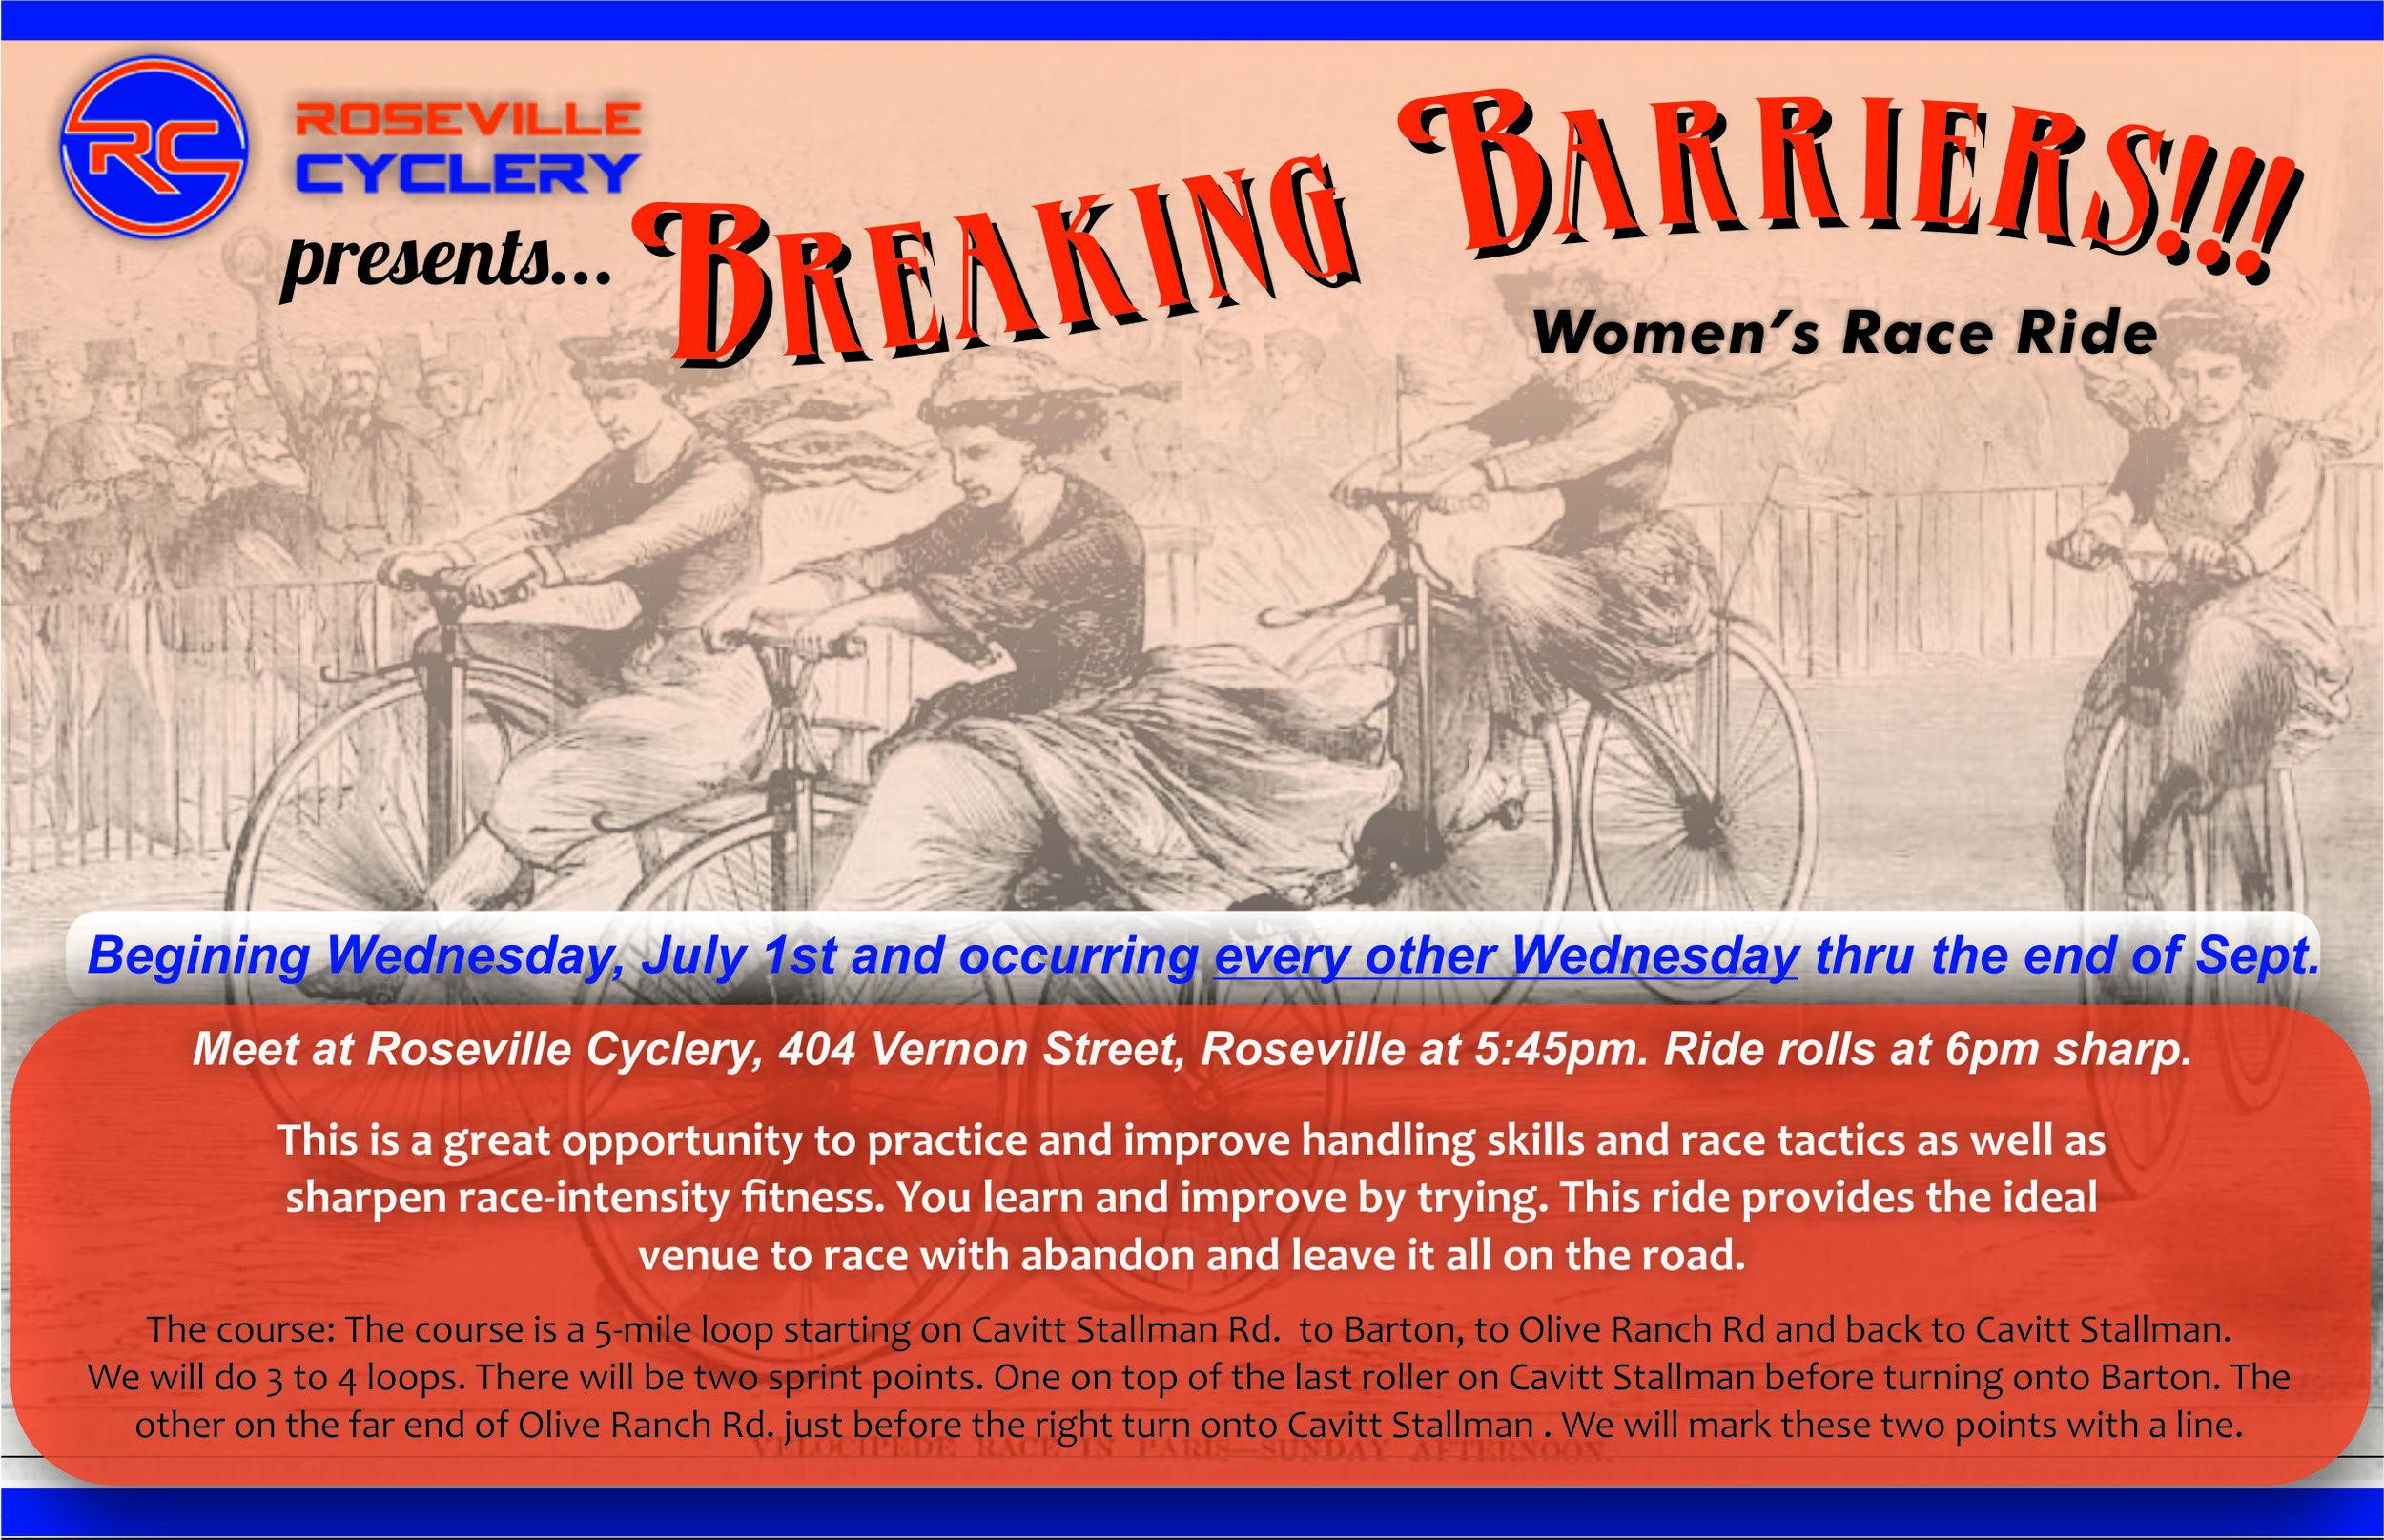 Breaking Barriers Race Ride (2)